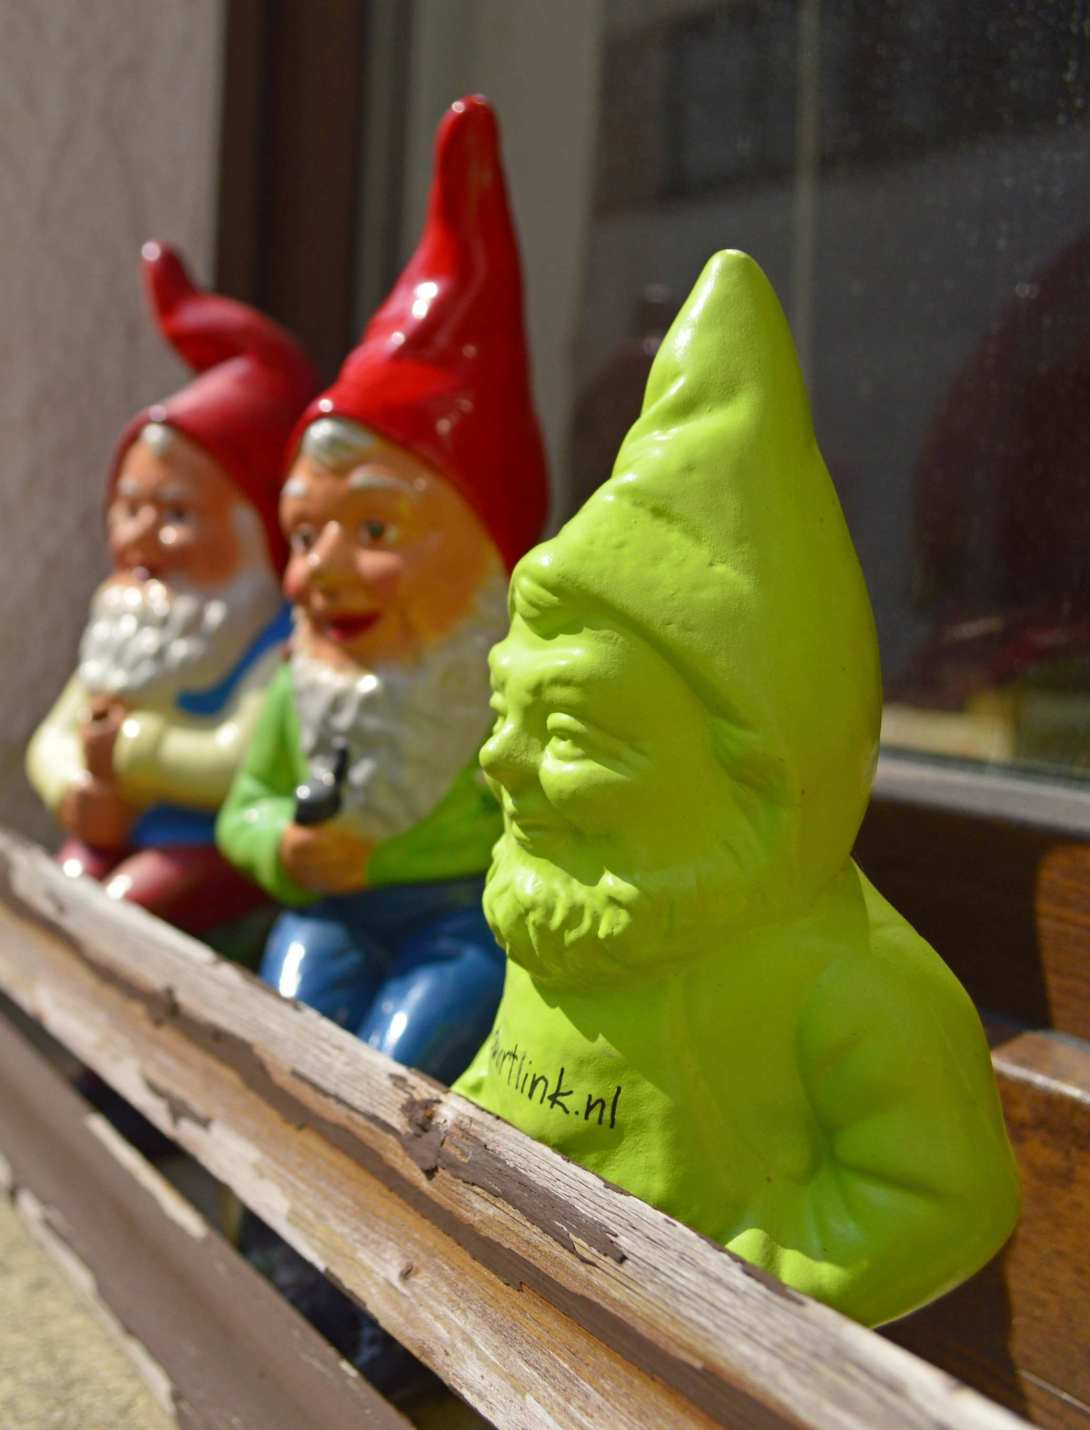 Gartenzwergmanufaktur Philipp Griebel Gräfenroda #gartenzwer #gnome #bekitschig #blog #kitsch #ceramics #keramik #gnomevember